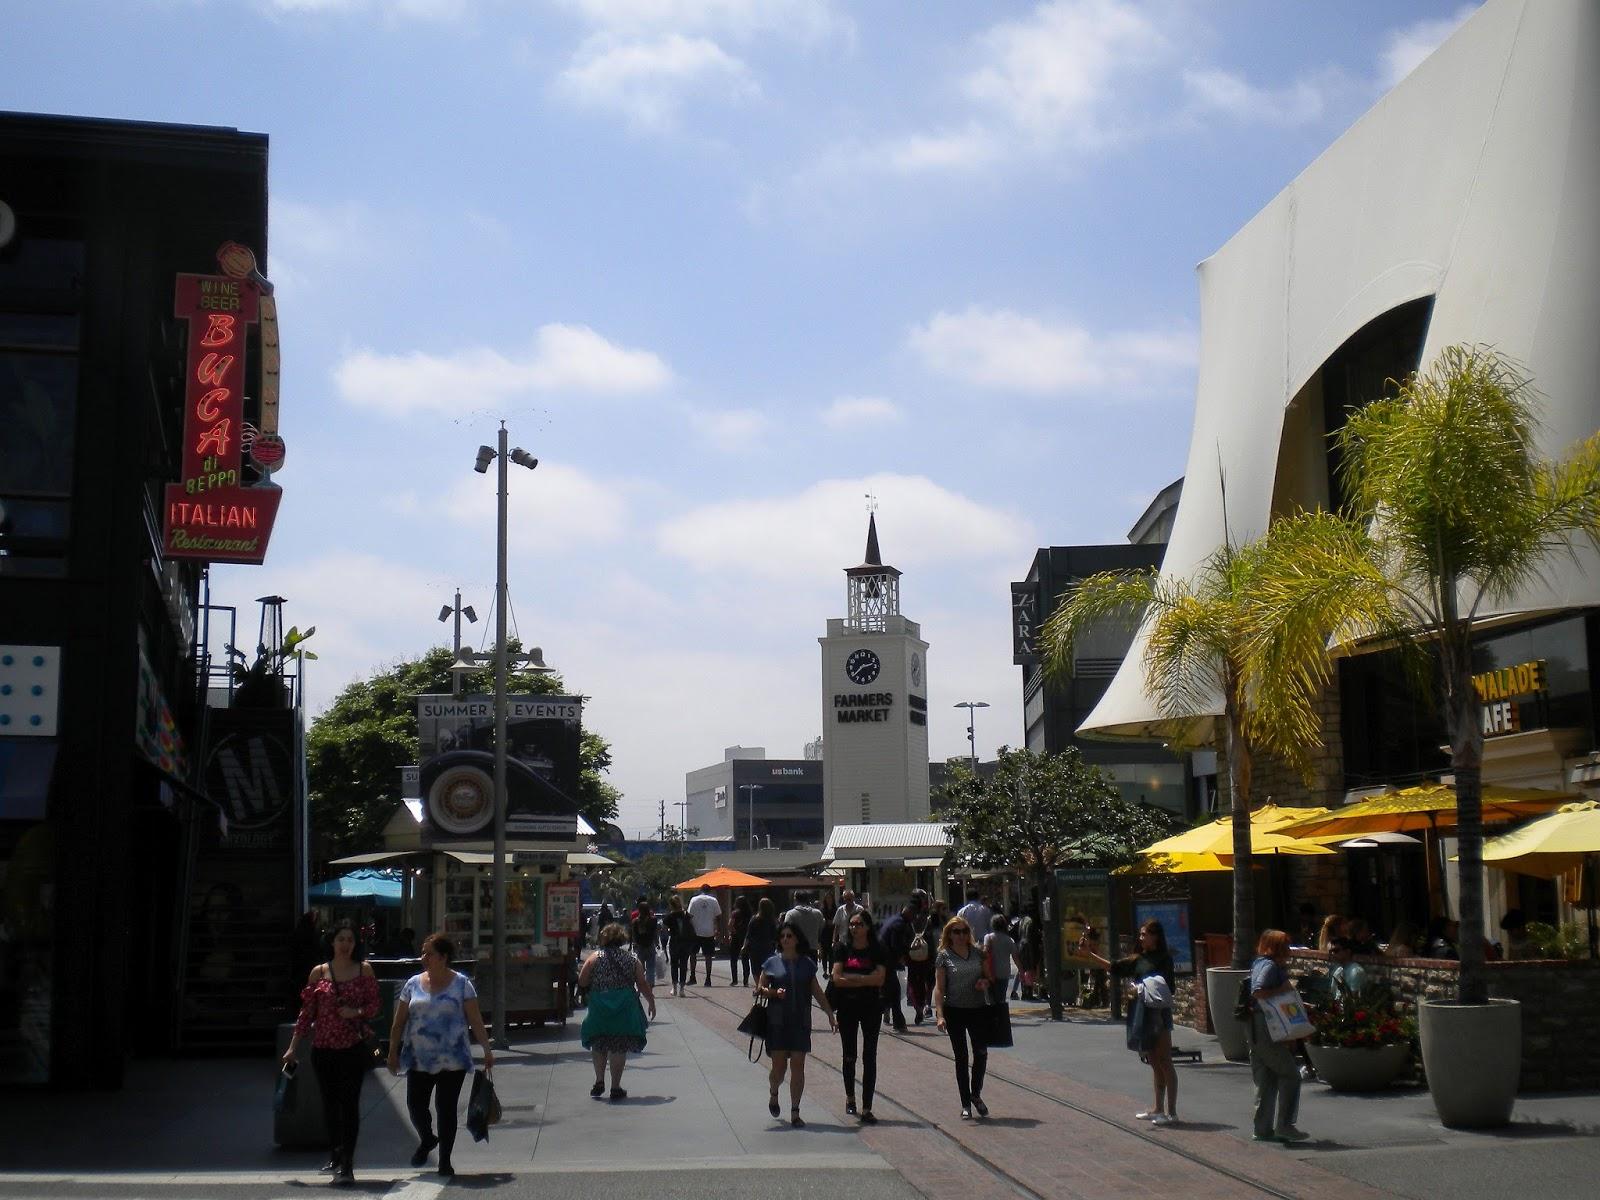 Los Angeles The Original Farmer's Market markkinat turistikohde Mallaspulla matkakertomus